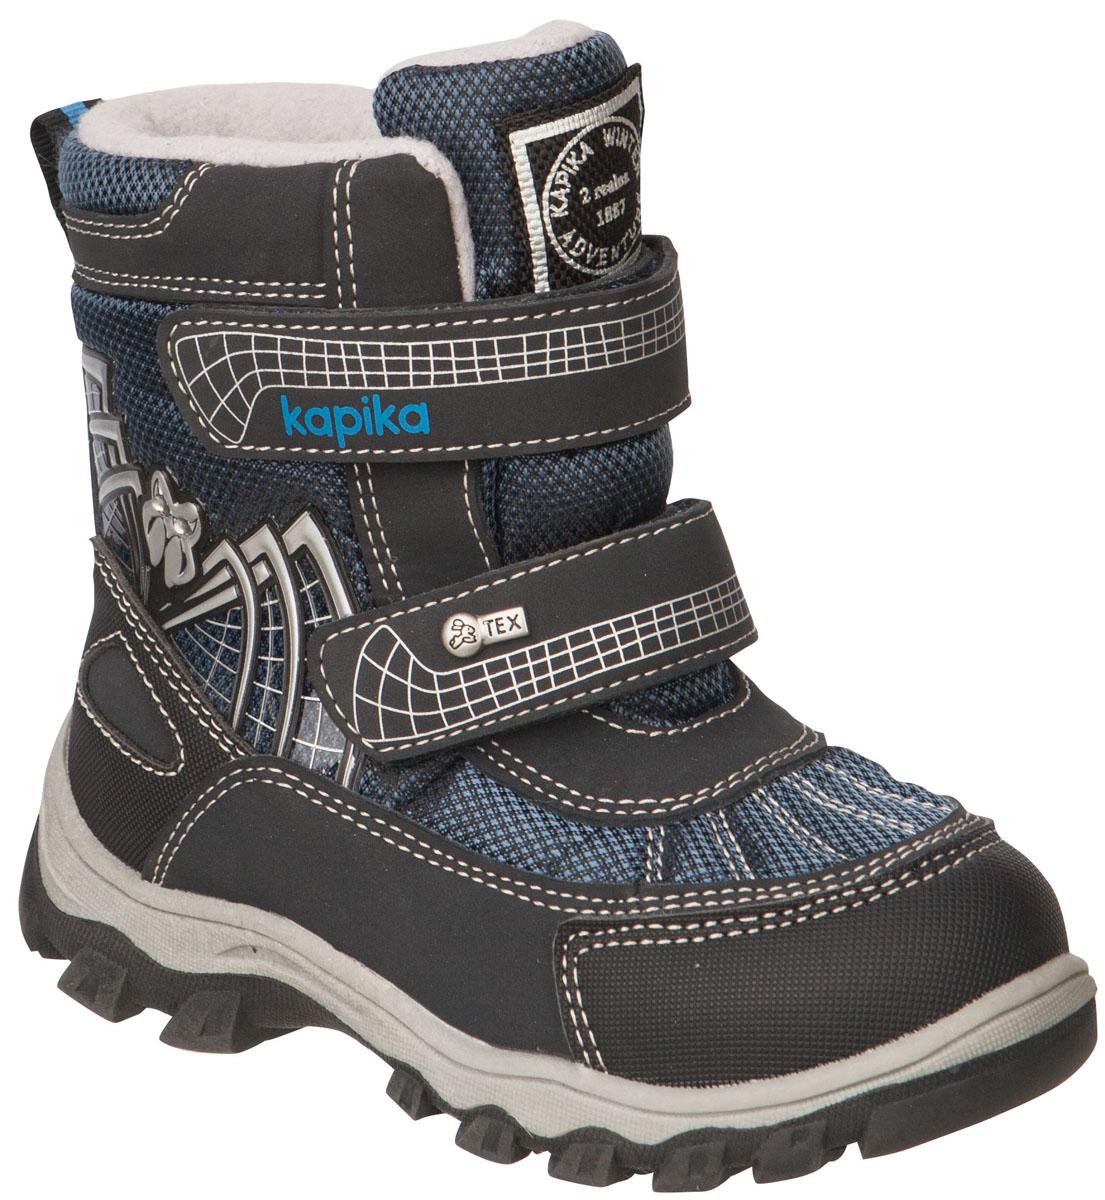 41170-1Легкие, удобные и теплые ботинки от Kapika выполнены из мембранных материалов и искусственной кожи. Два ремешка на застежках-липучках надежно фиксируют изделие на ноге. Мягкая подкладка и стелька из шерсти обеспечивают тепло, циркуляцию воздуха и сохраняют комфортный микроклимат в обуви. Подошва с протектором гарантирует идеальное сцепление с любыми поверхностями. Идеальная зимняя обувь для активных детей и подростков. Модель большемерит на 1 размер.